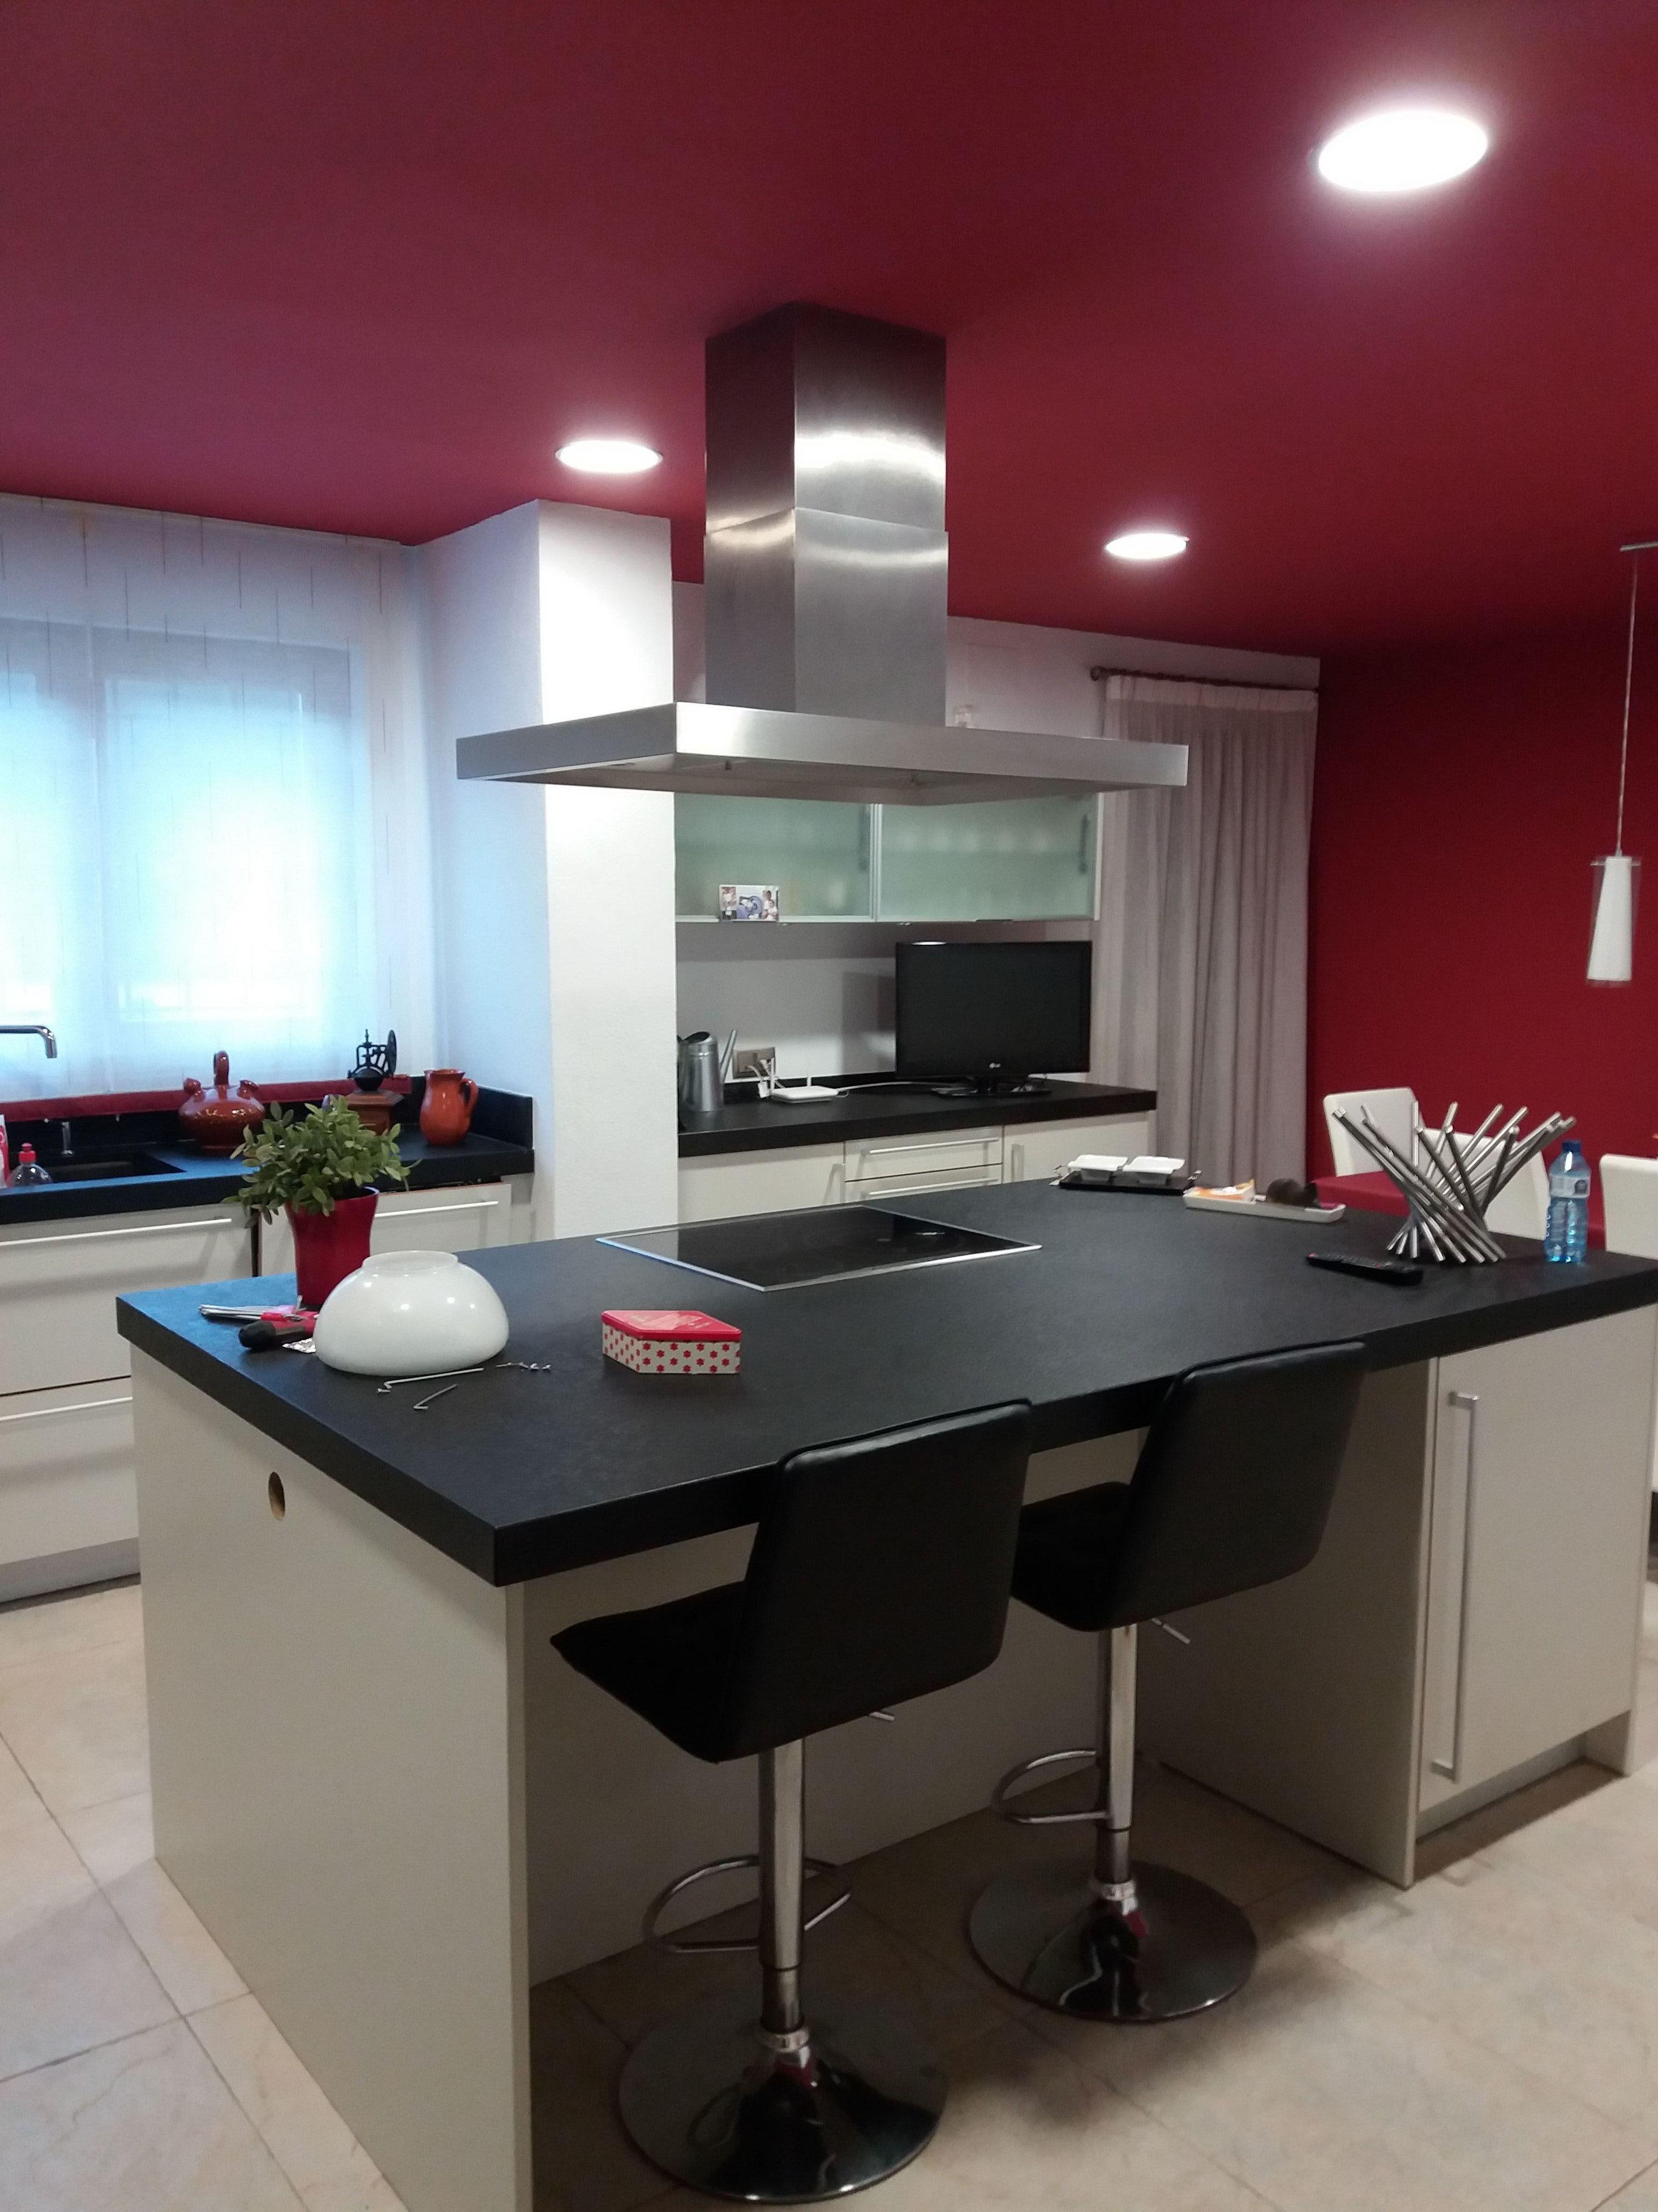 Cocina :  detalle isla cocion y trabajo